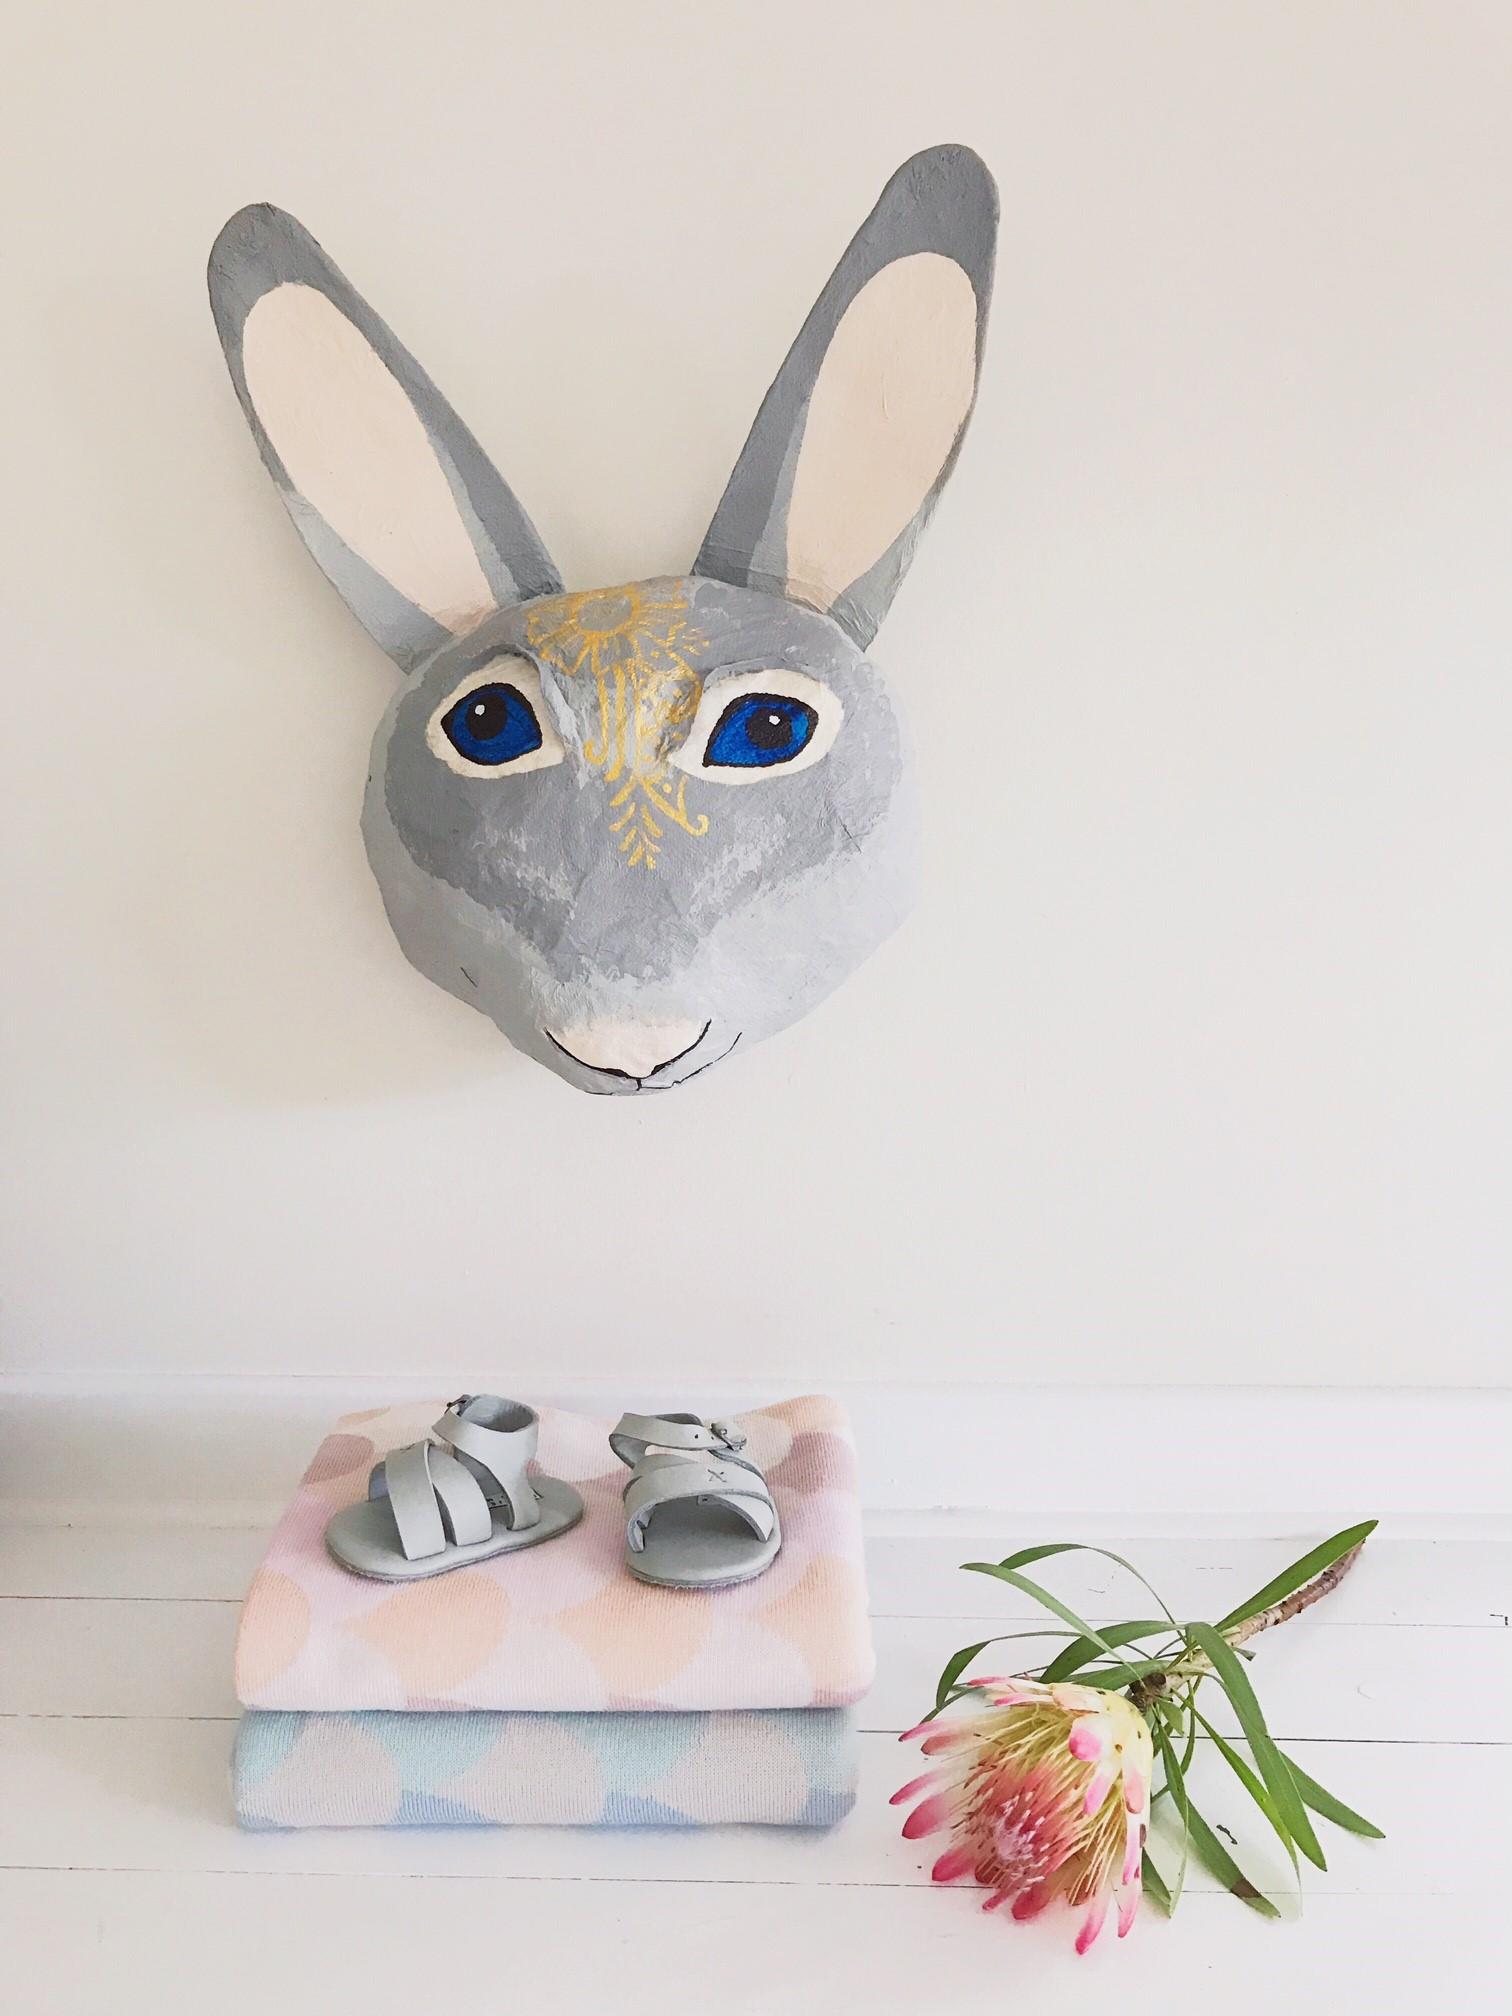 Heidi the Hare, paper mache